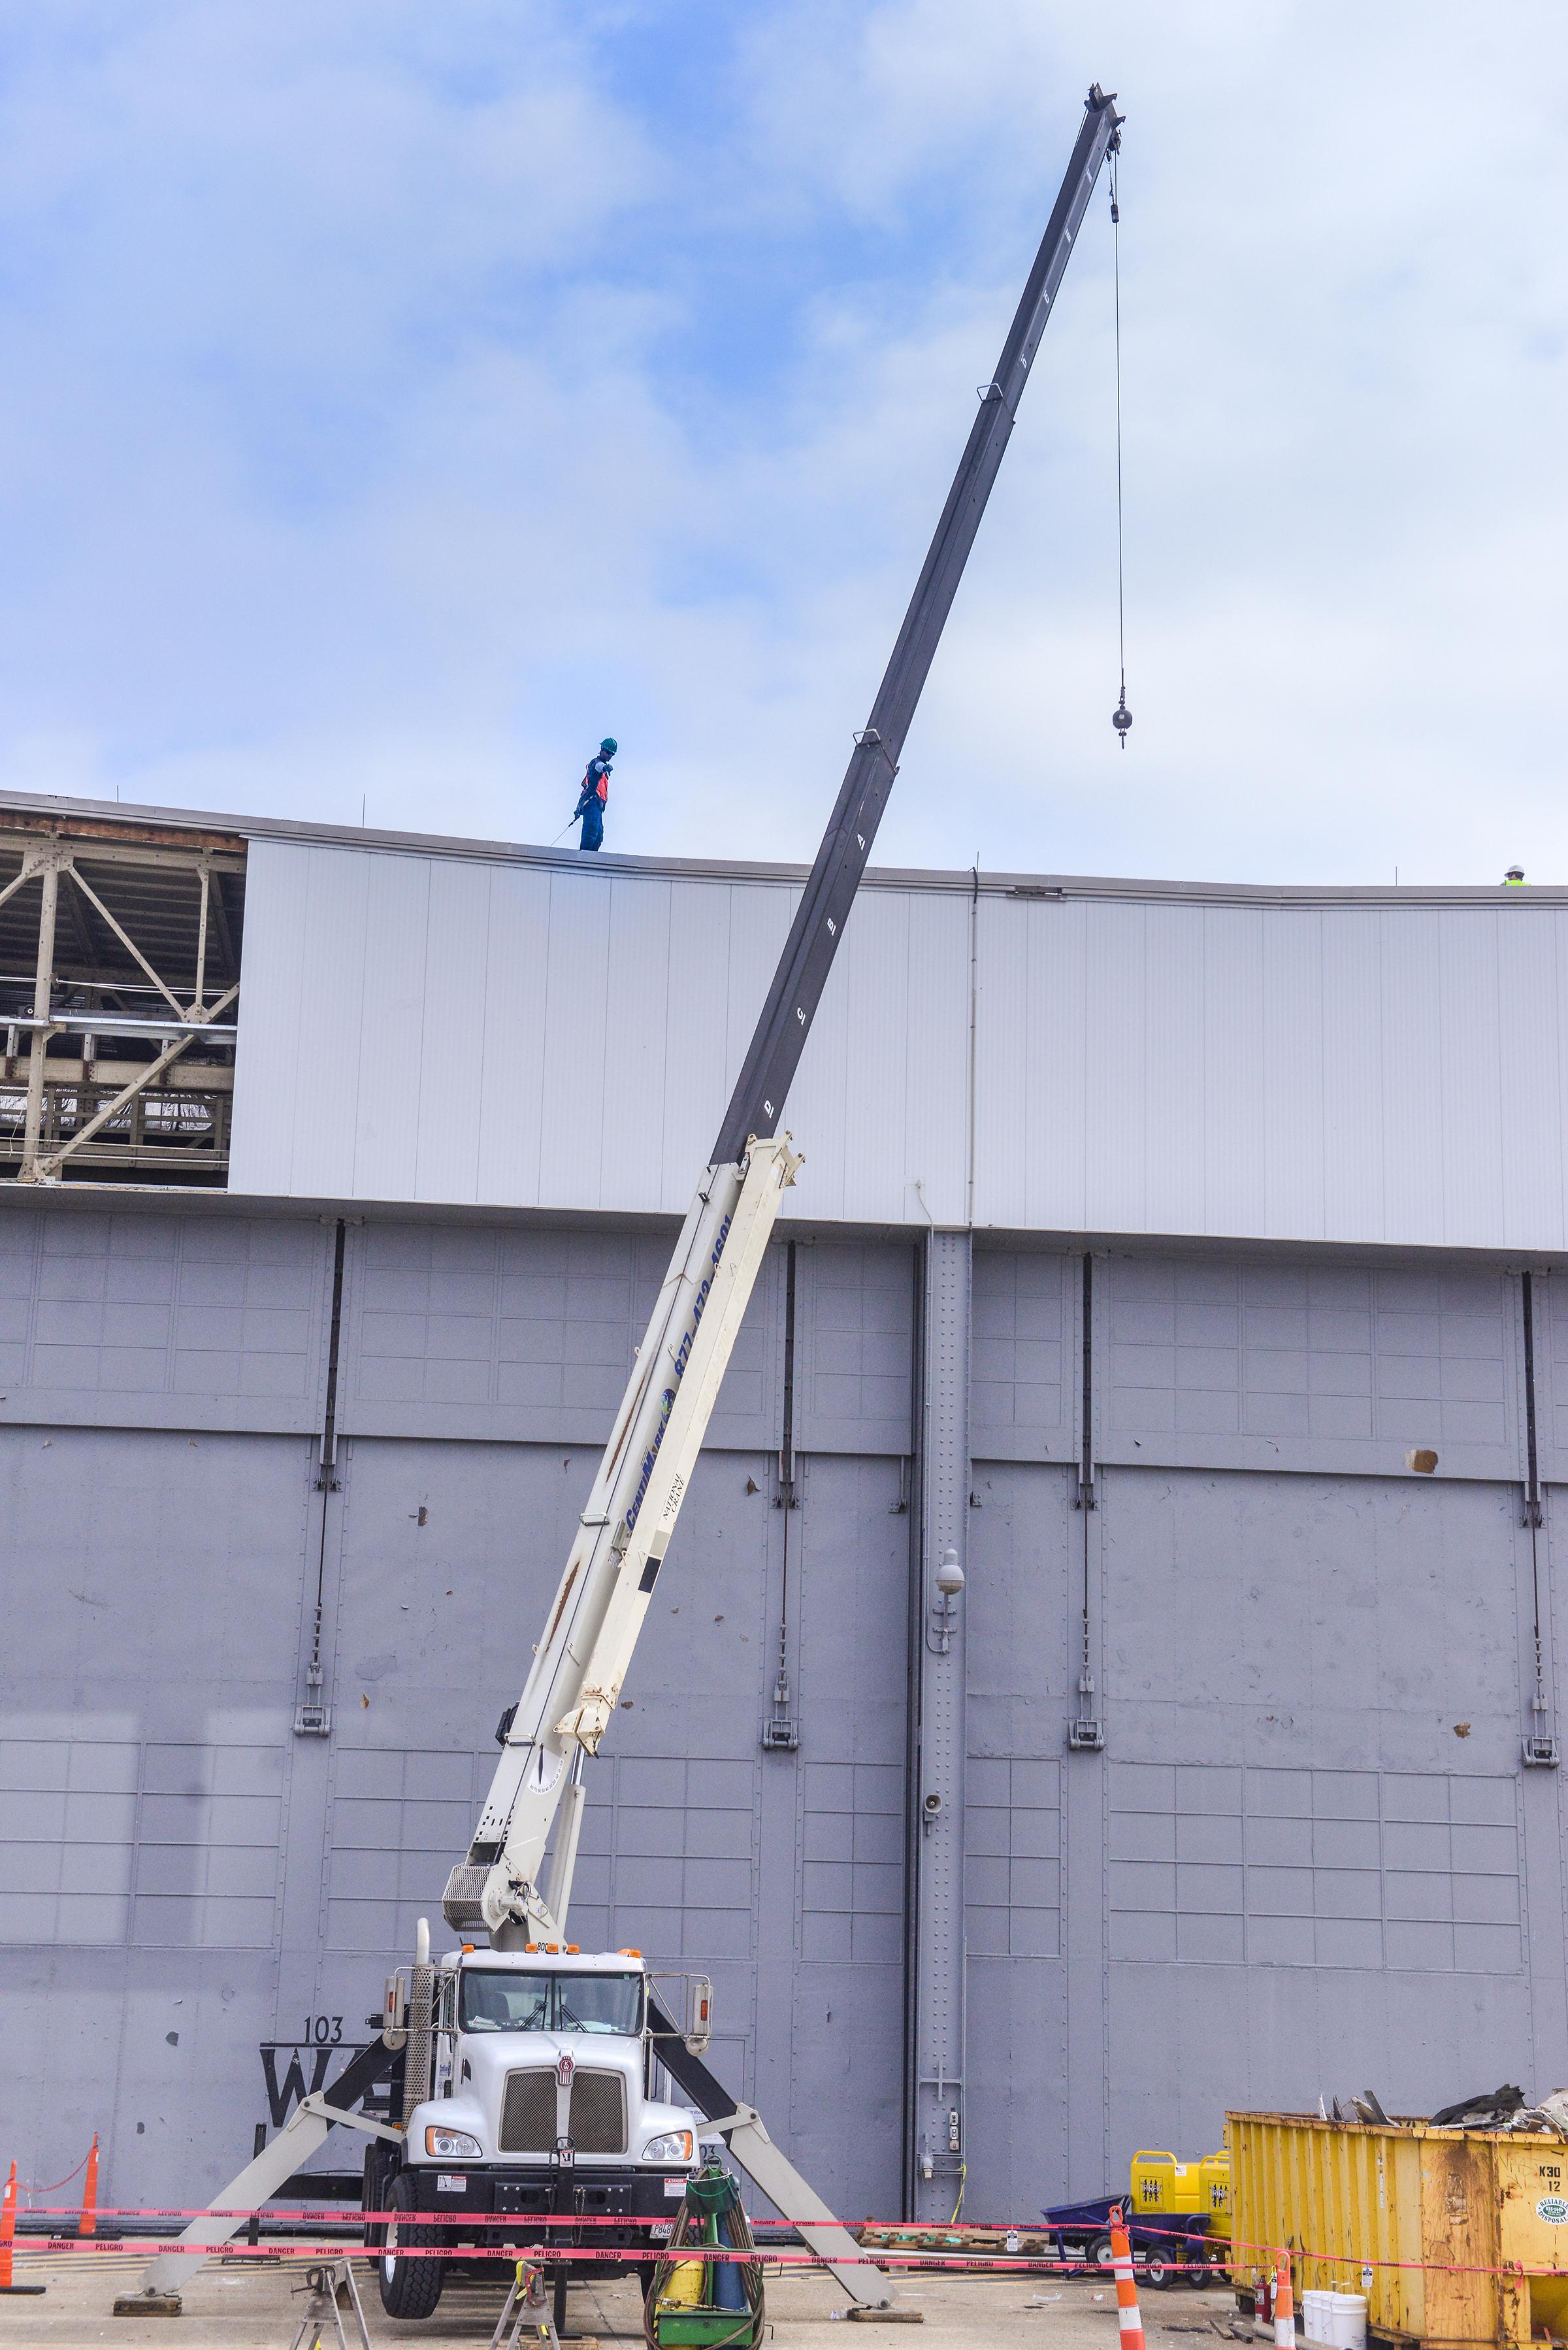 Workers Repair Roof Da...